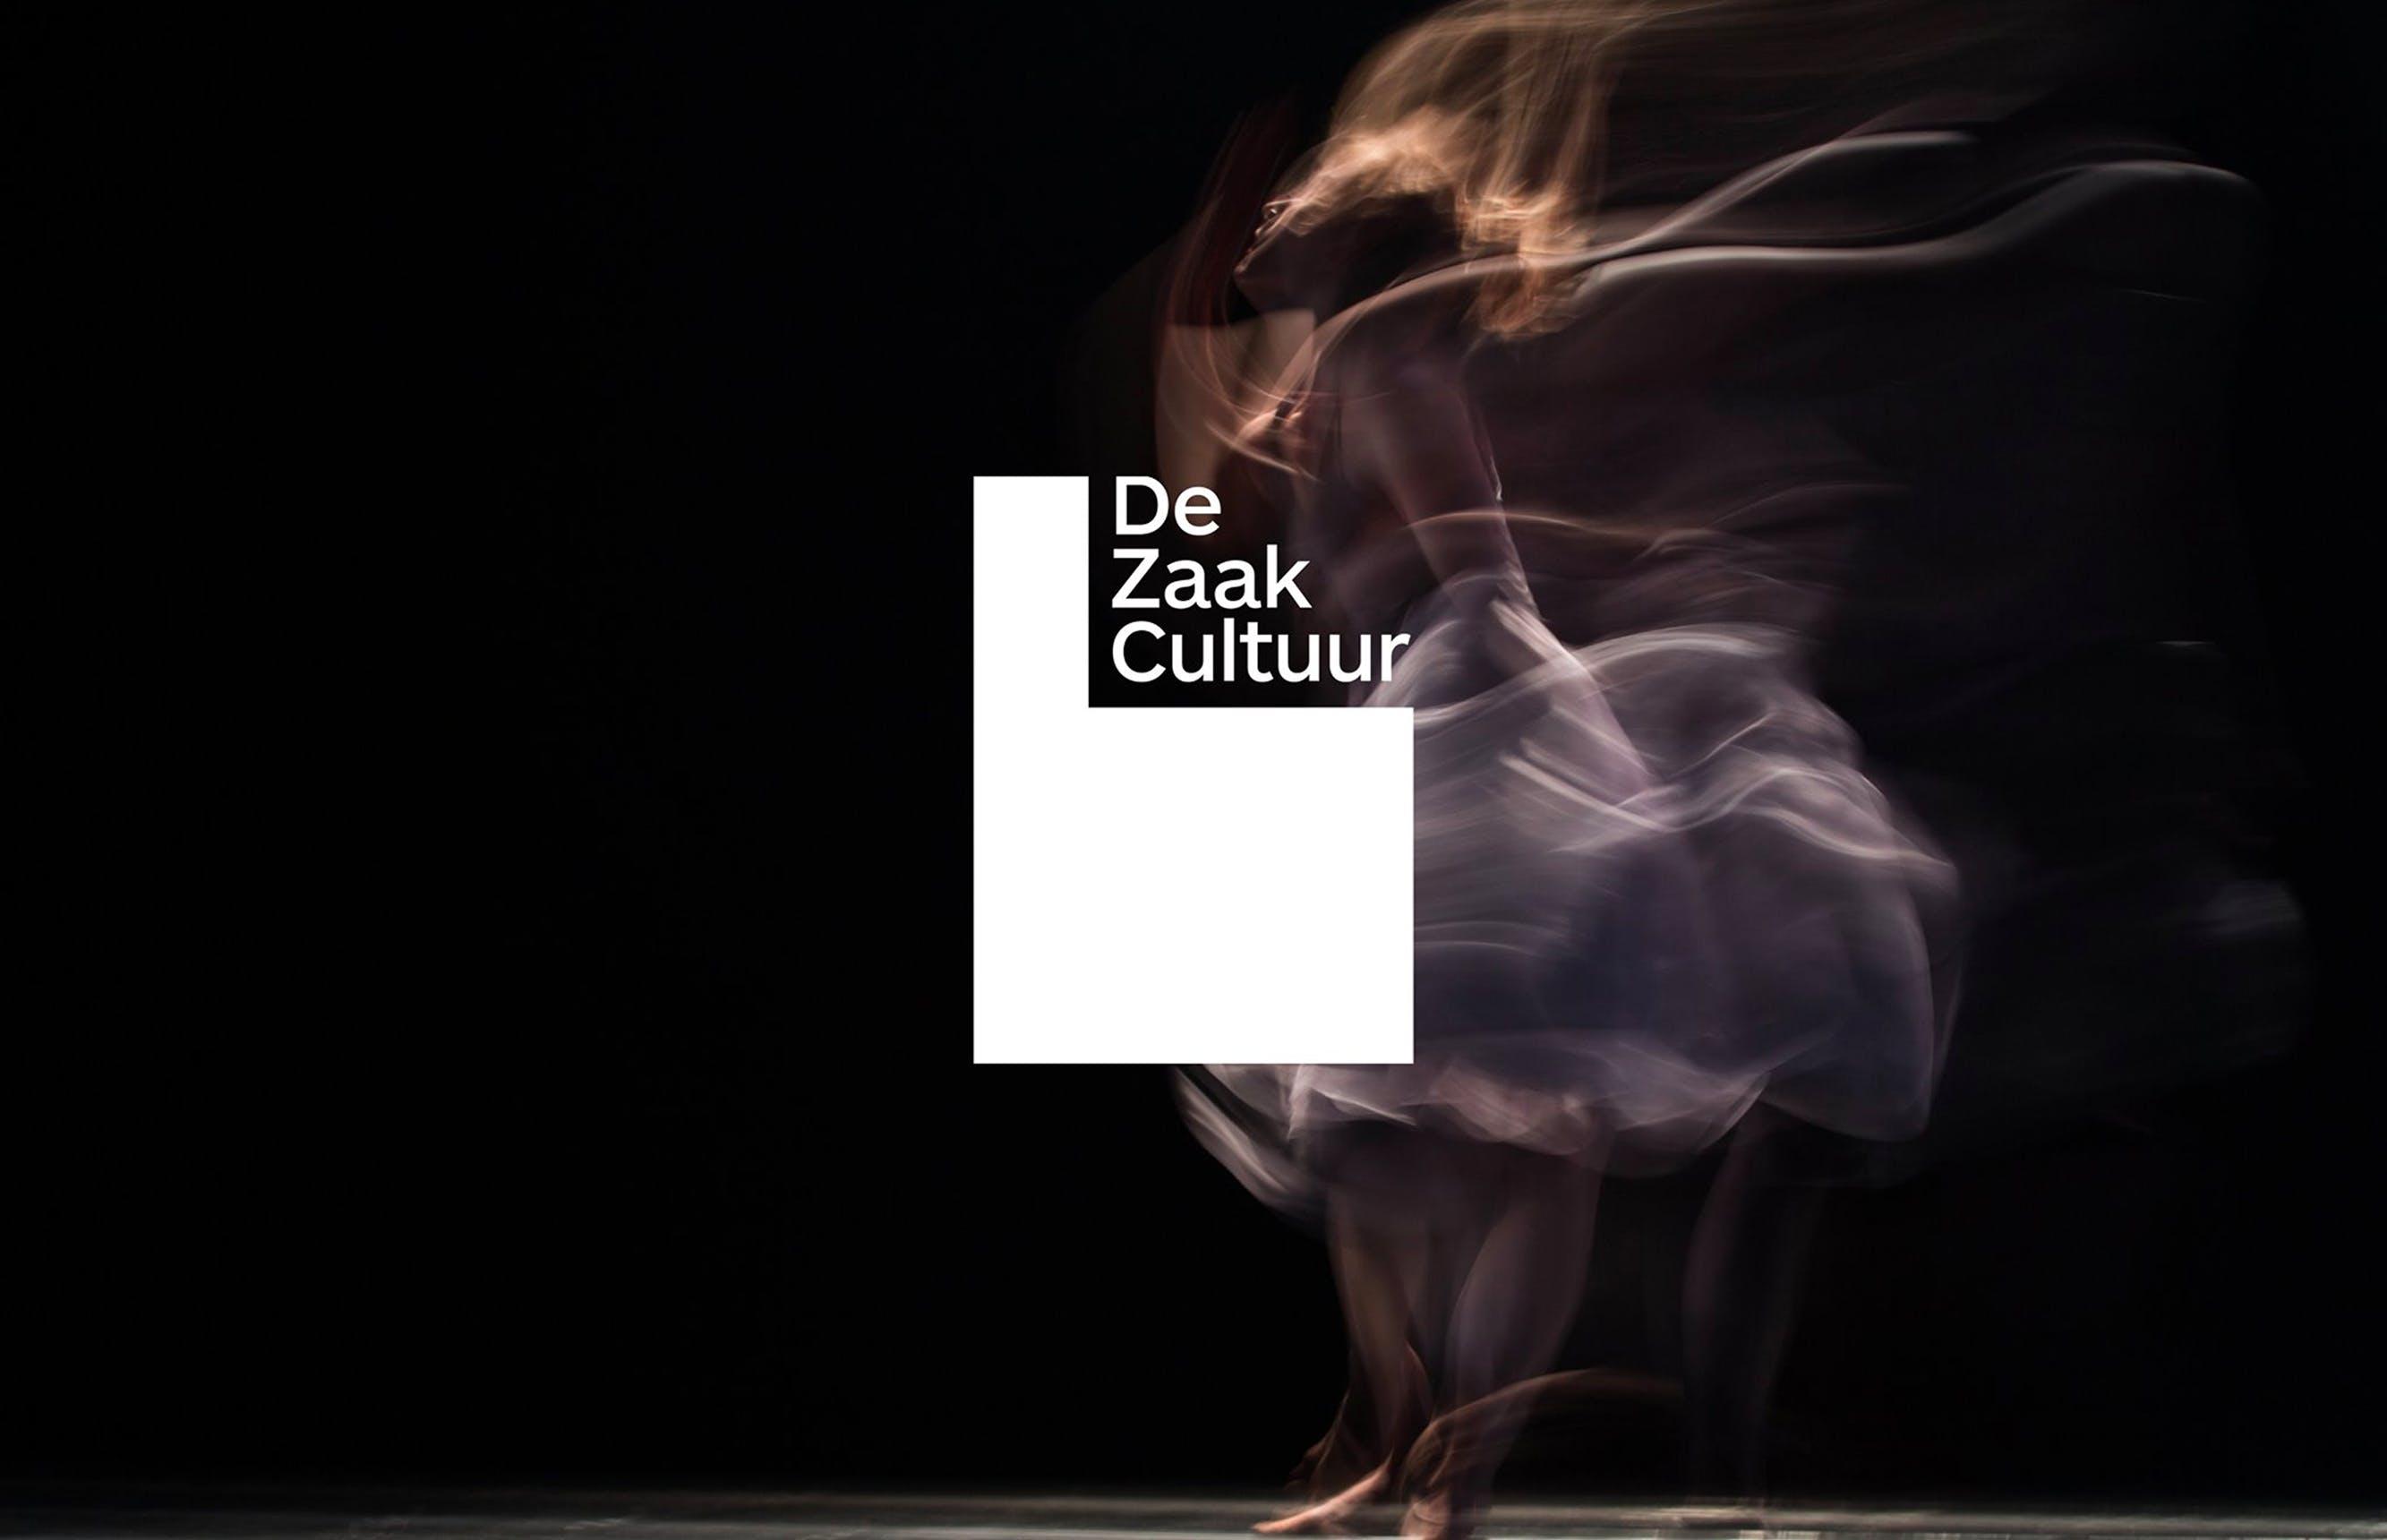 De Zaak Cultuur: schrijf je in en denk mee na over de toekomst van onze sector